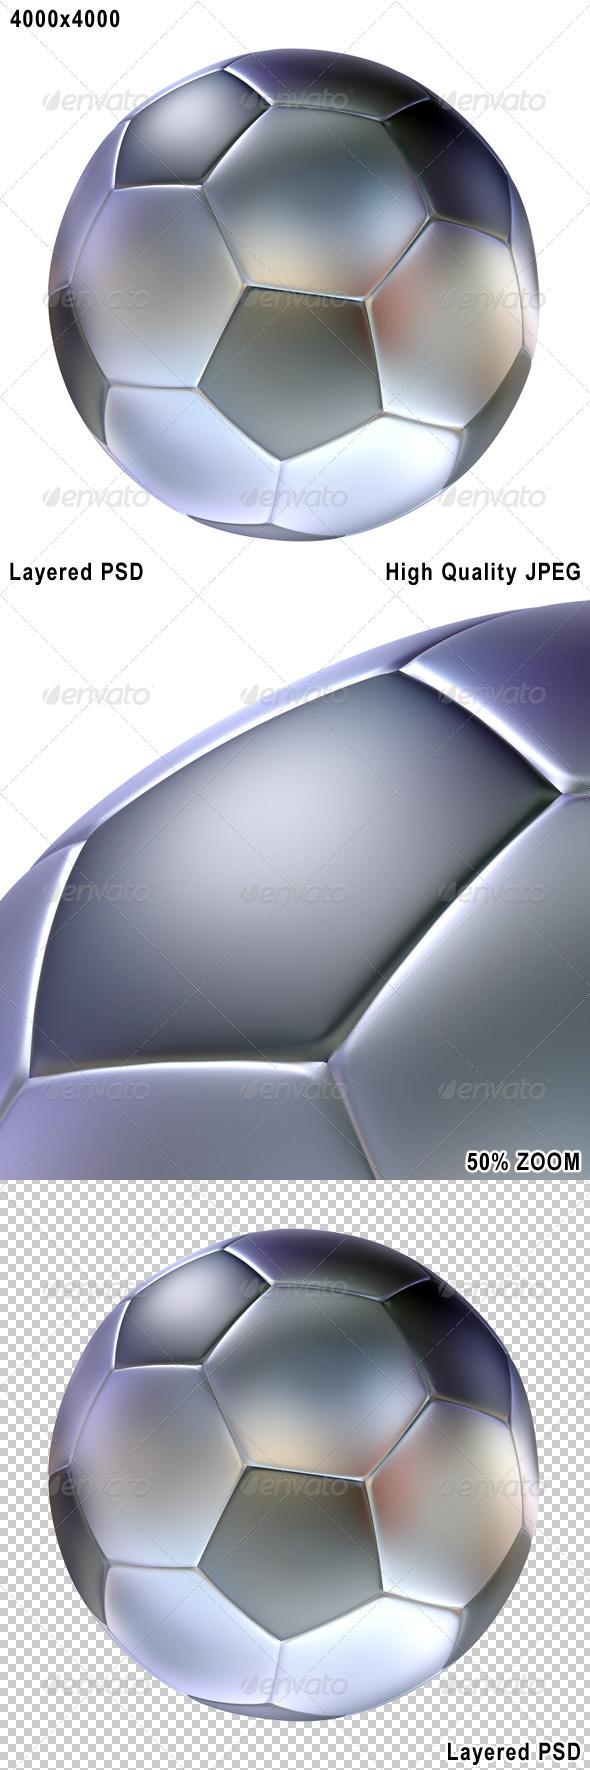 Stylized Soccer Football - Objects 3D Renders